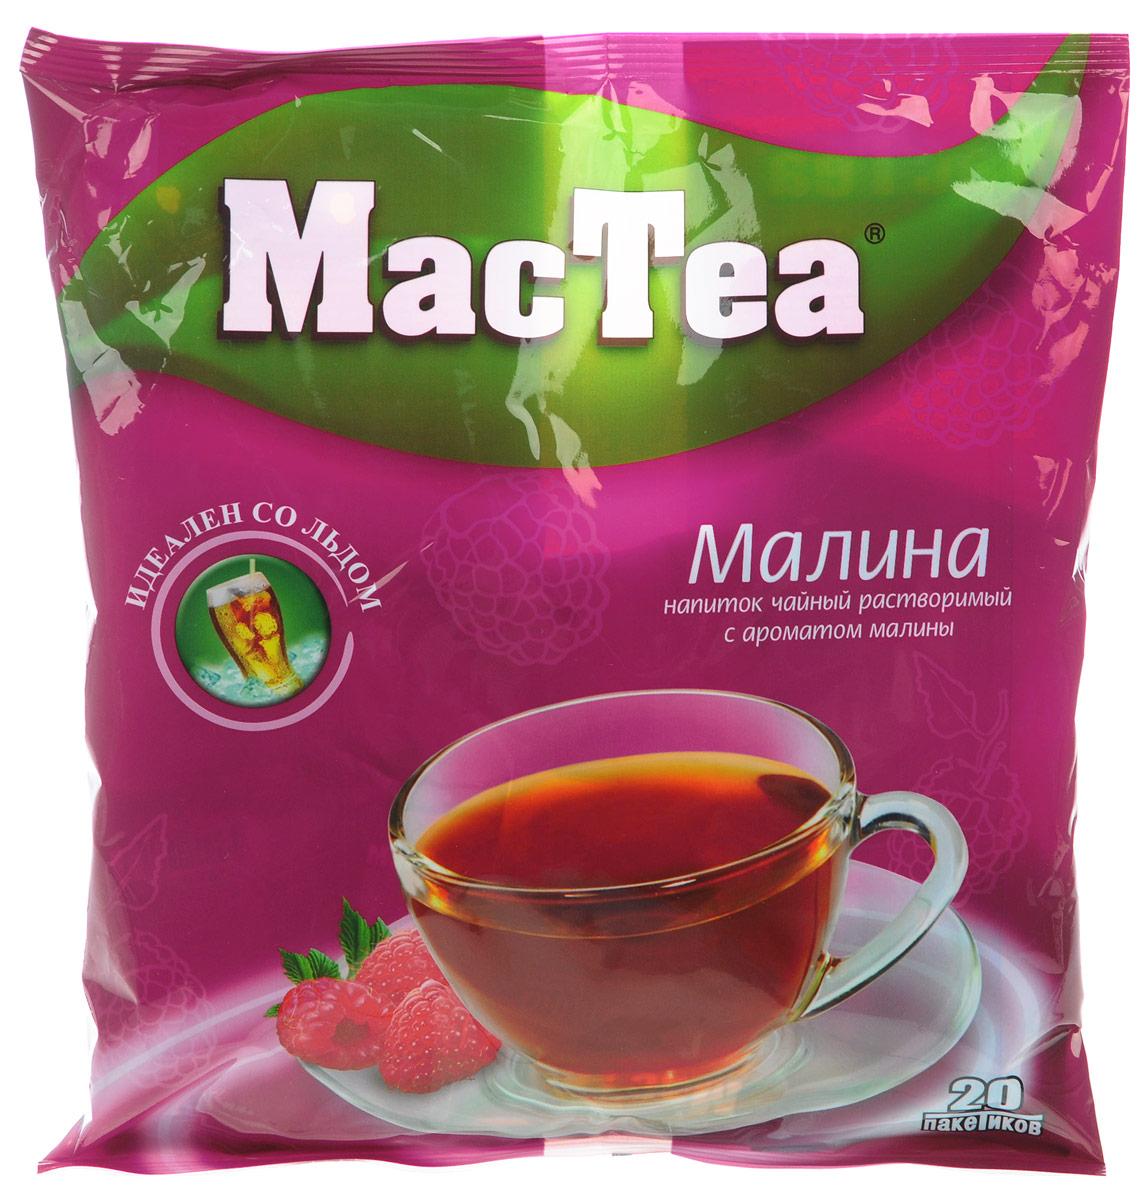 MacTea напиток чайный с малиной, 20 шт101246Растворимый чайный напиток MacTea с малиной понравится и детям, и взрослым. Этот напиток можно употреблять как в холодном, так и в горячем виде. Для приготовления необходимо залить содержимое пакетика стаканом воды и тщательно размешать.